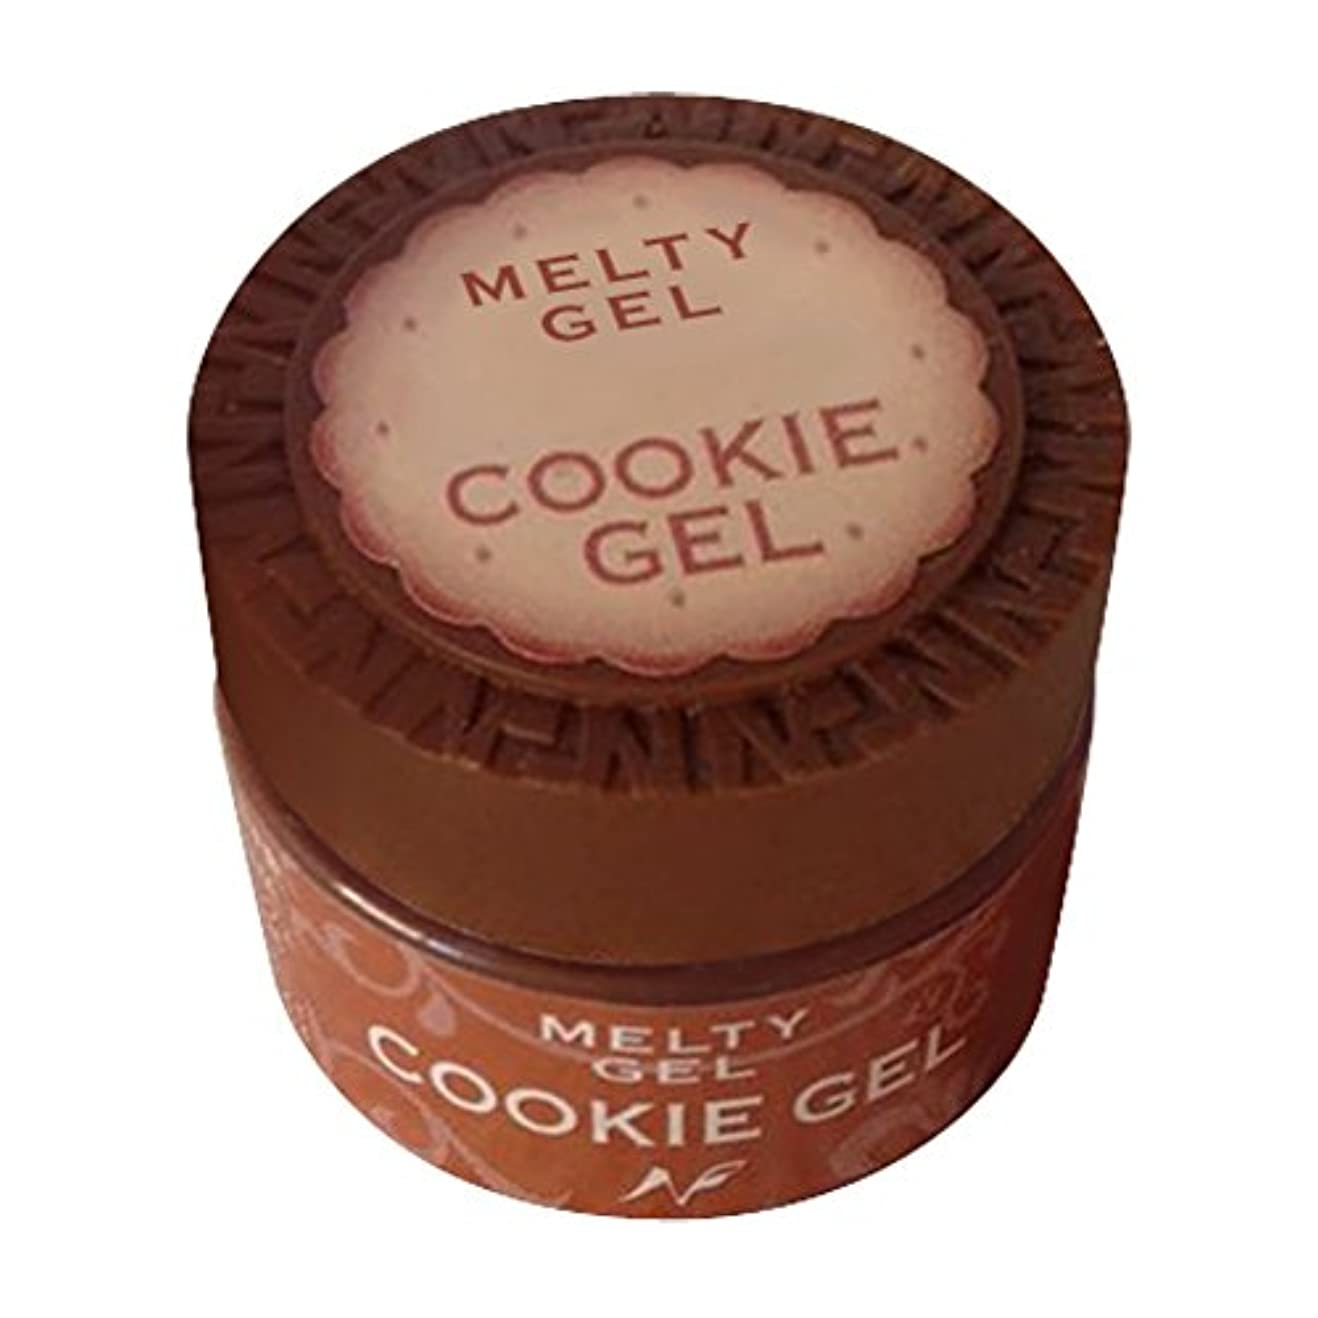 多くの危険がある状況手がかりかわいらしいNatural Field Melty Gel クッキージェル 3912サーモンピンク 5g